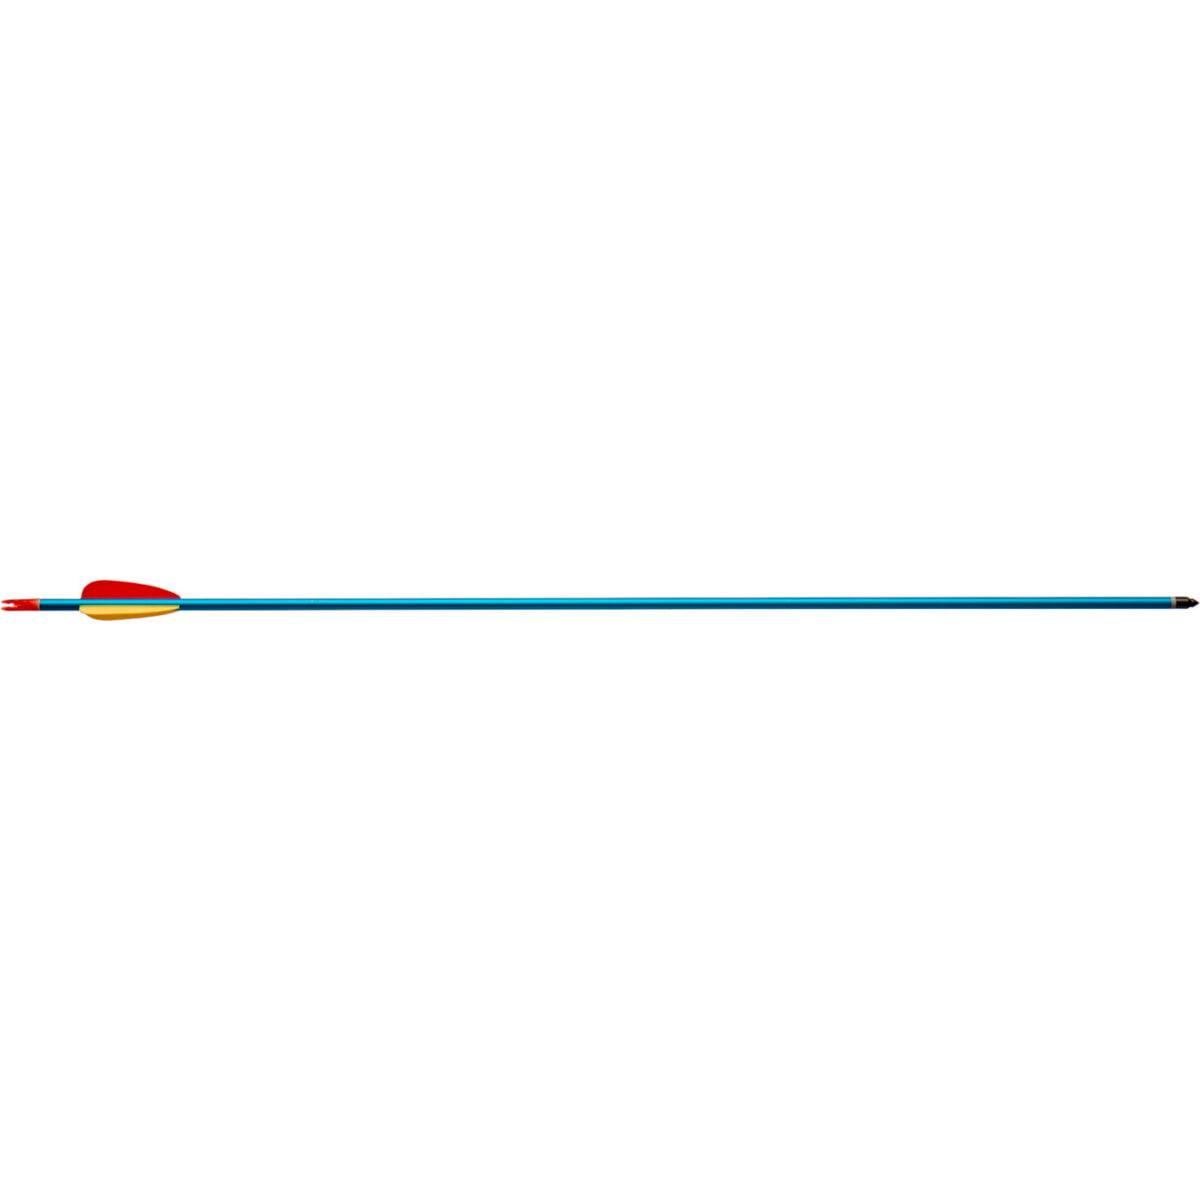 Стрела для лука Man Kung MK-AAL30 , алюминий ц:голубой